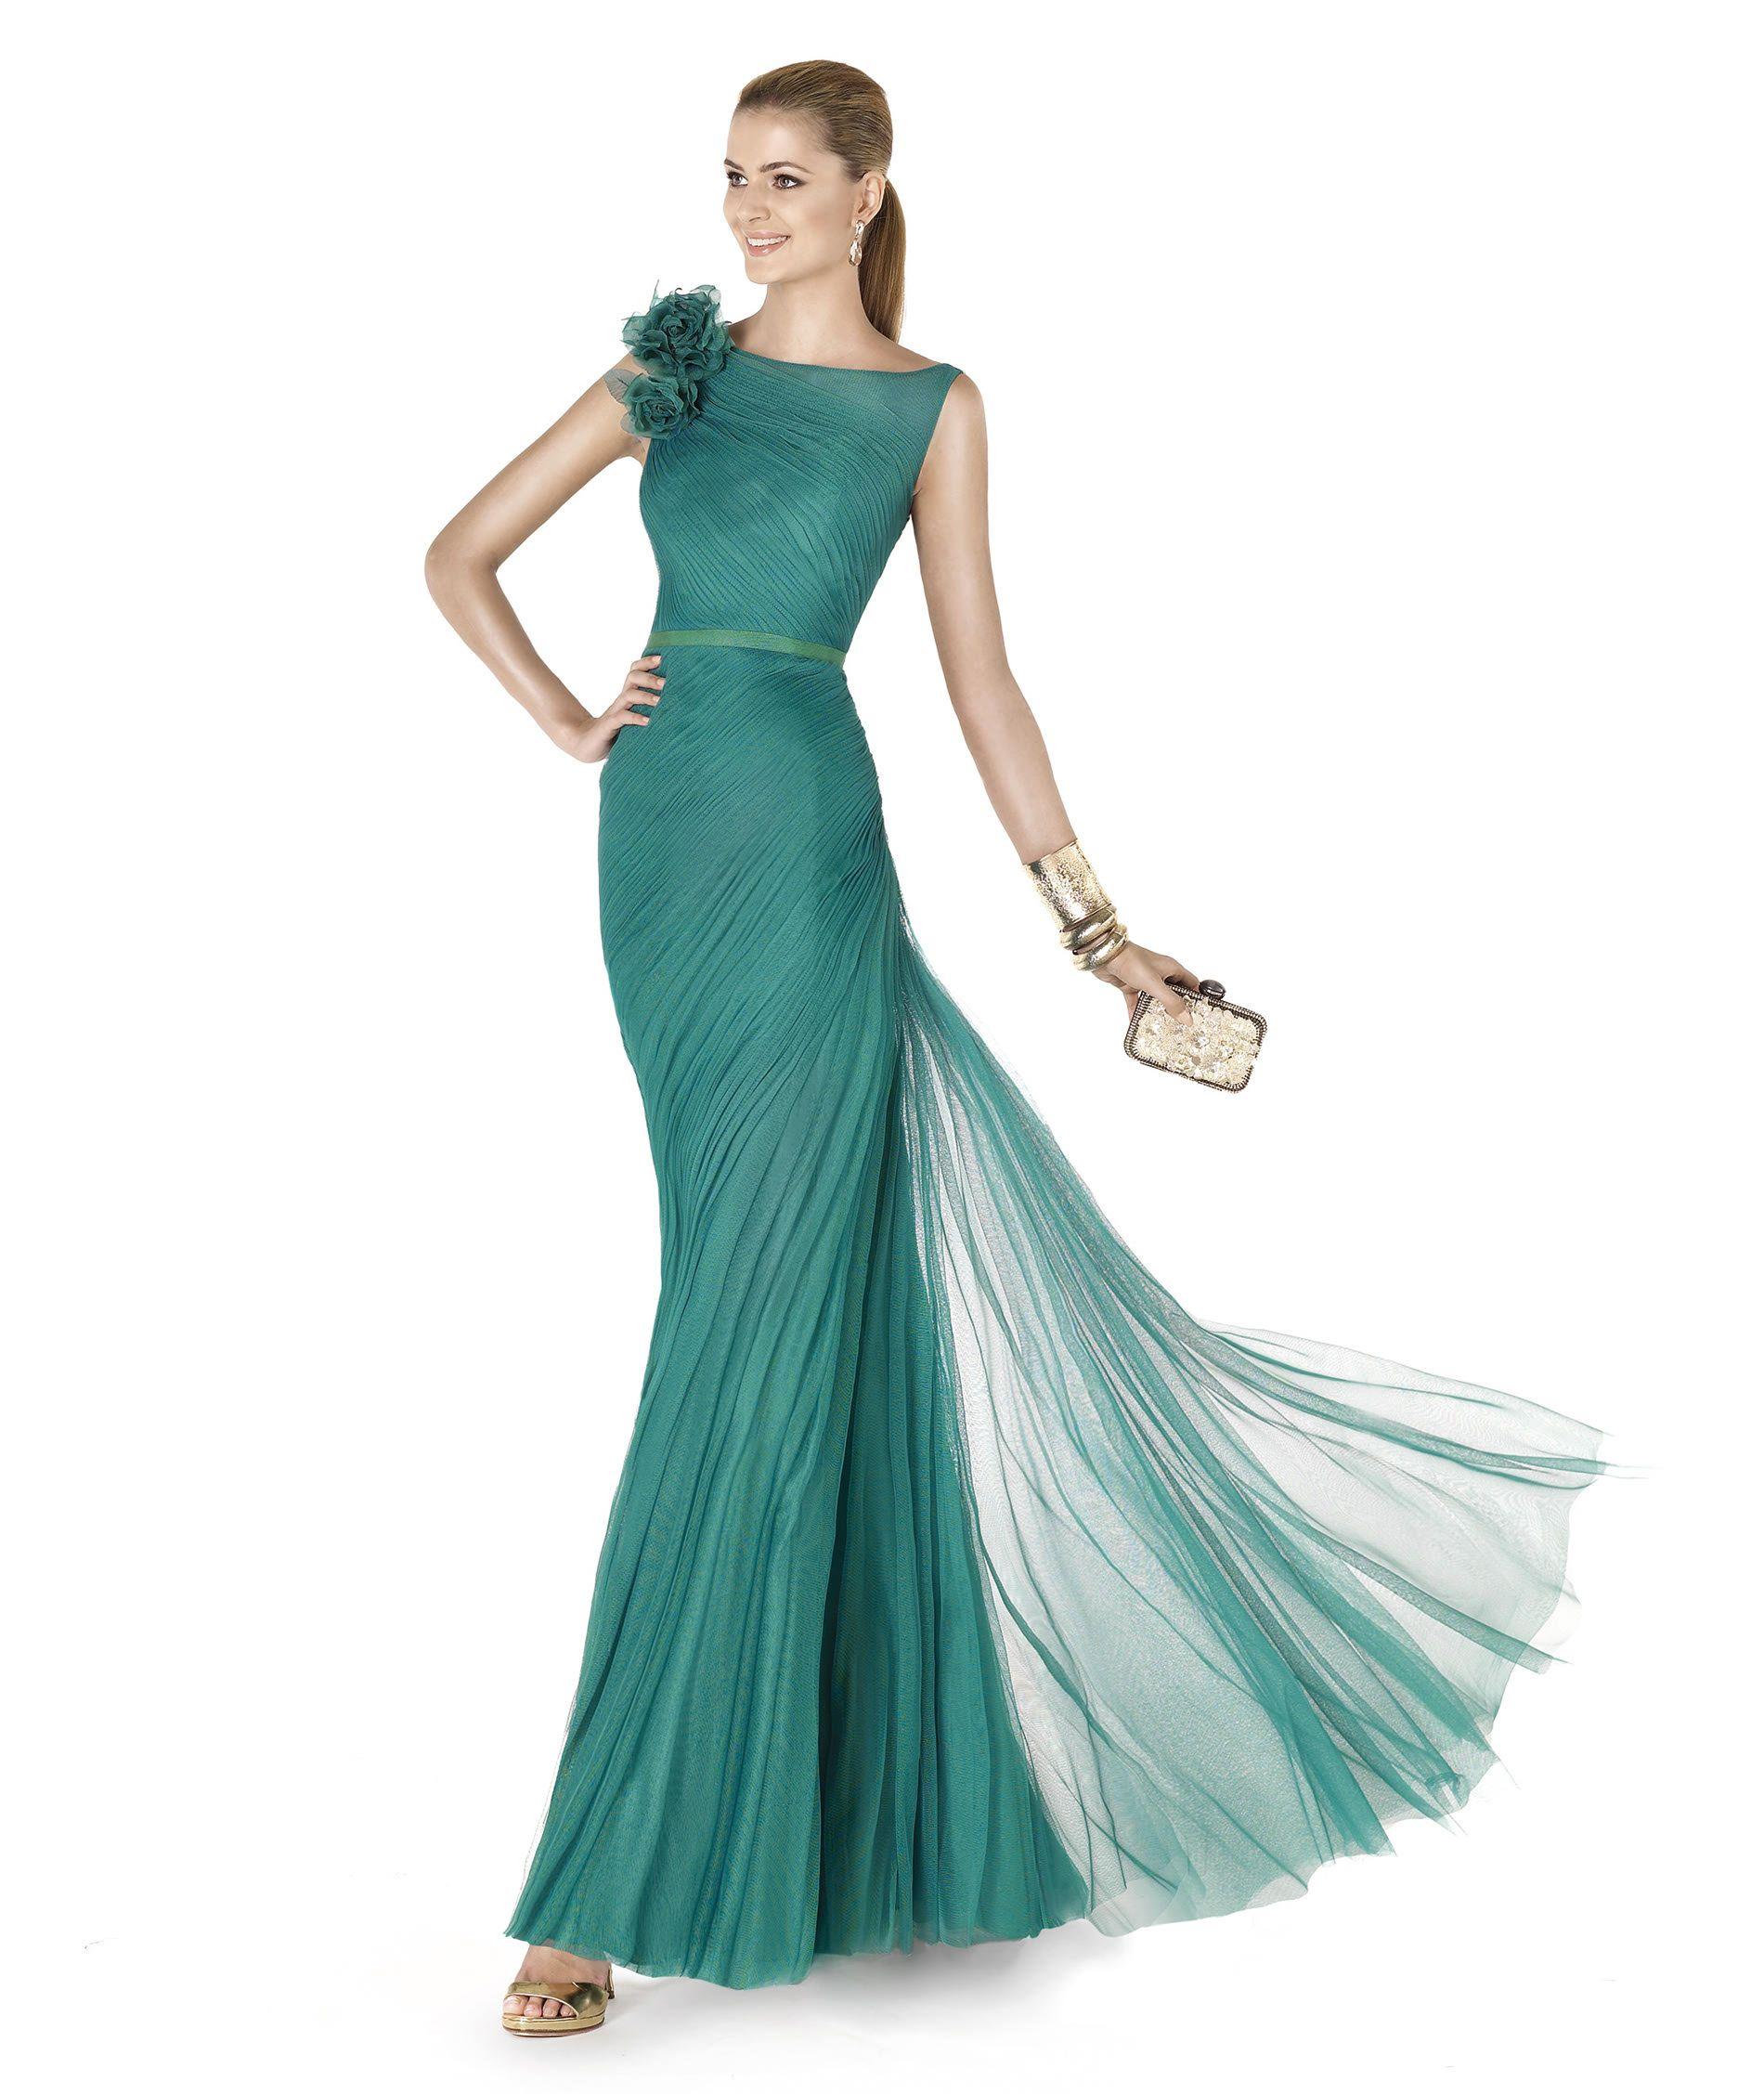 Pronovias te presenta su vestido de fiesta AJUAR de la colección Fiesta 2015. | Trajes de novia y noche - www.anneveneth.com